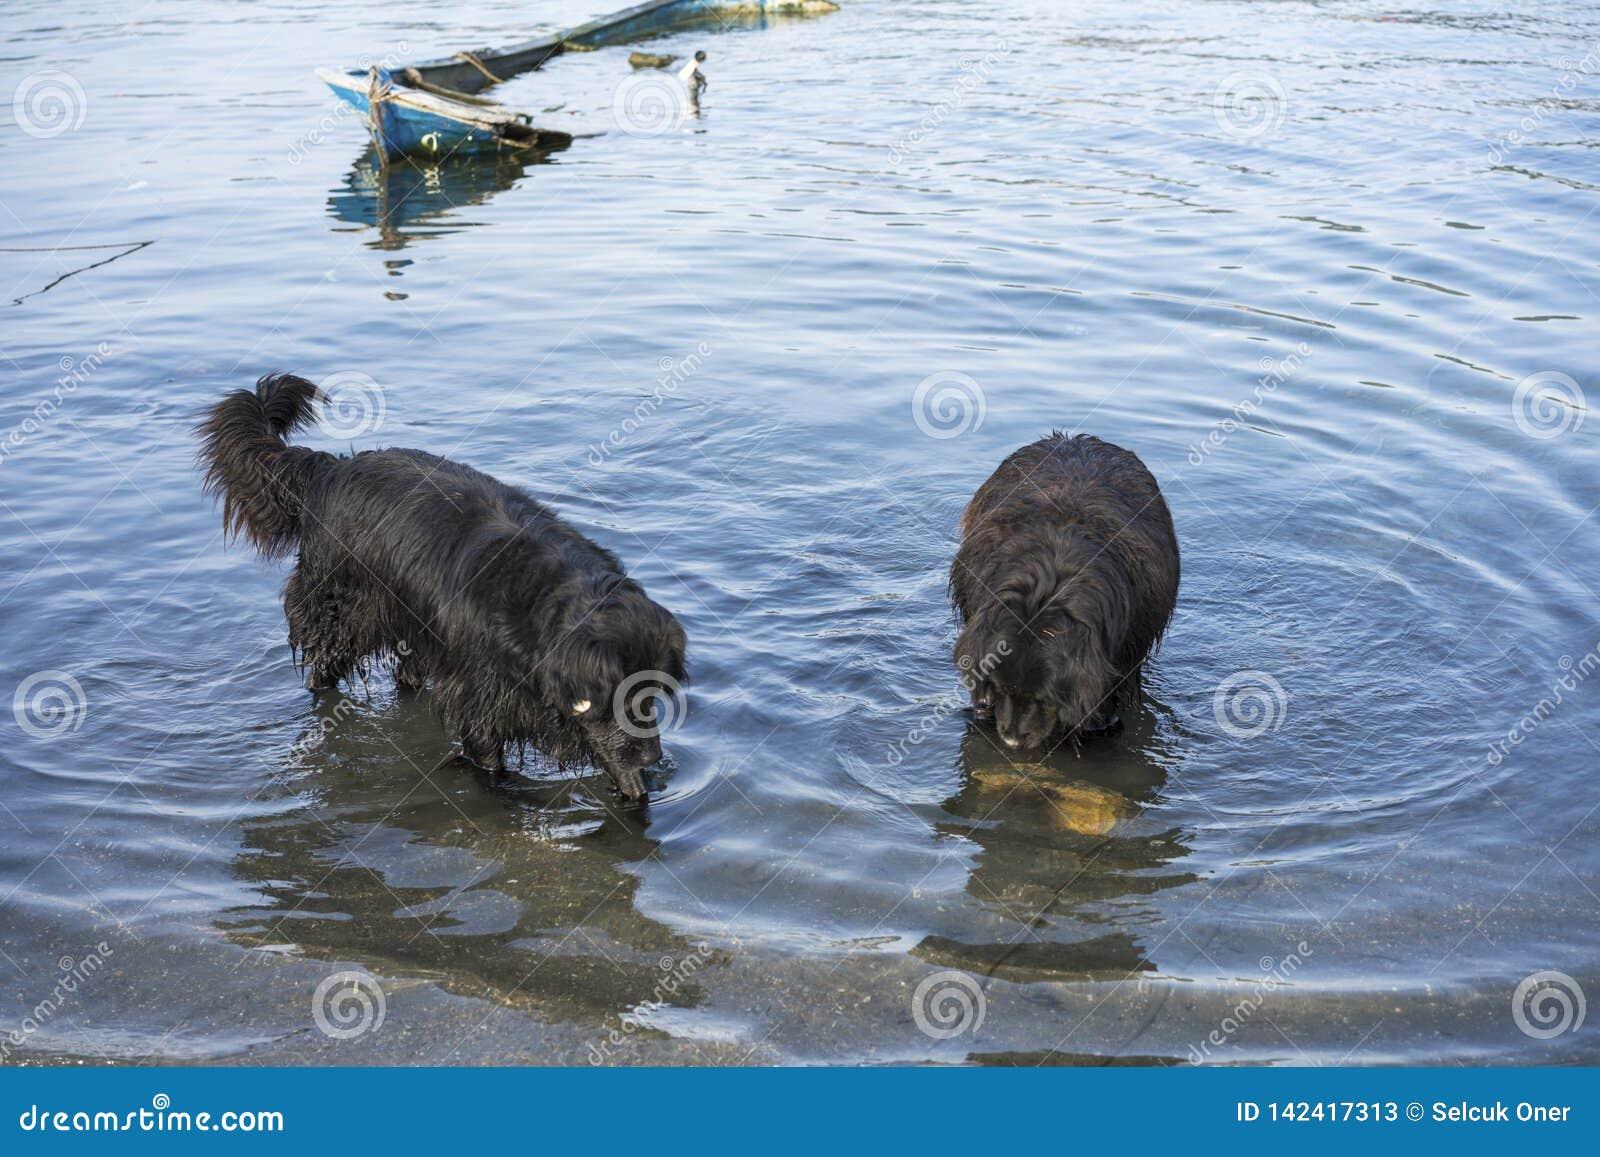 Fischerei von den Hunden, die Fische im Meer suchen